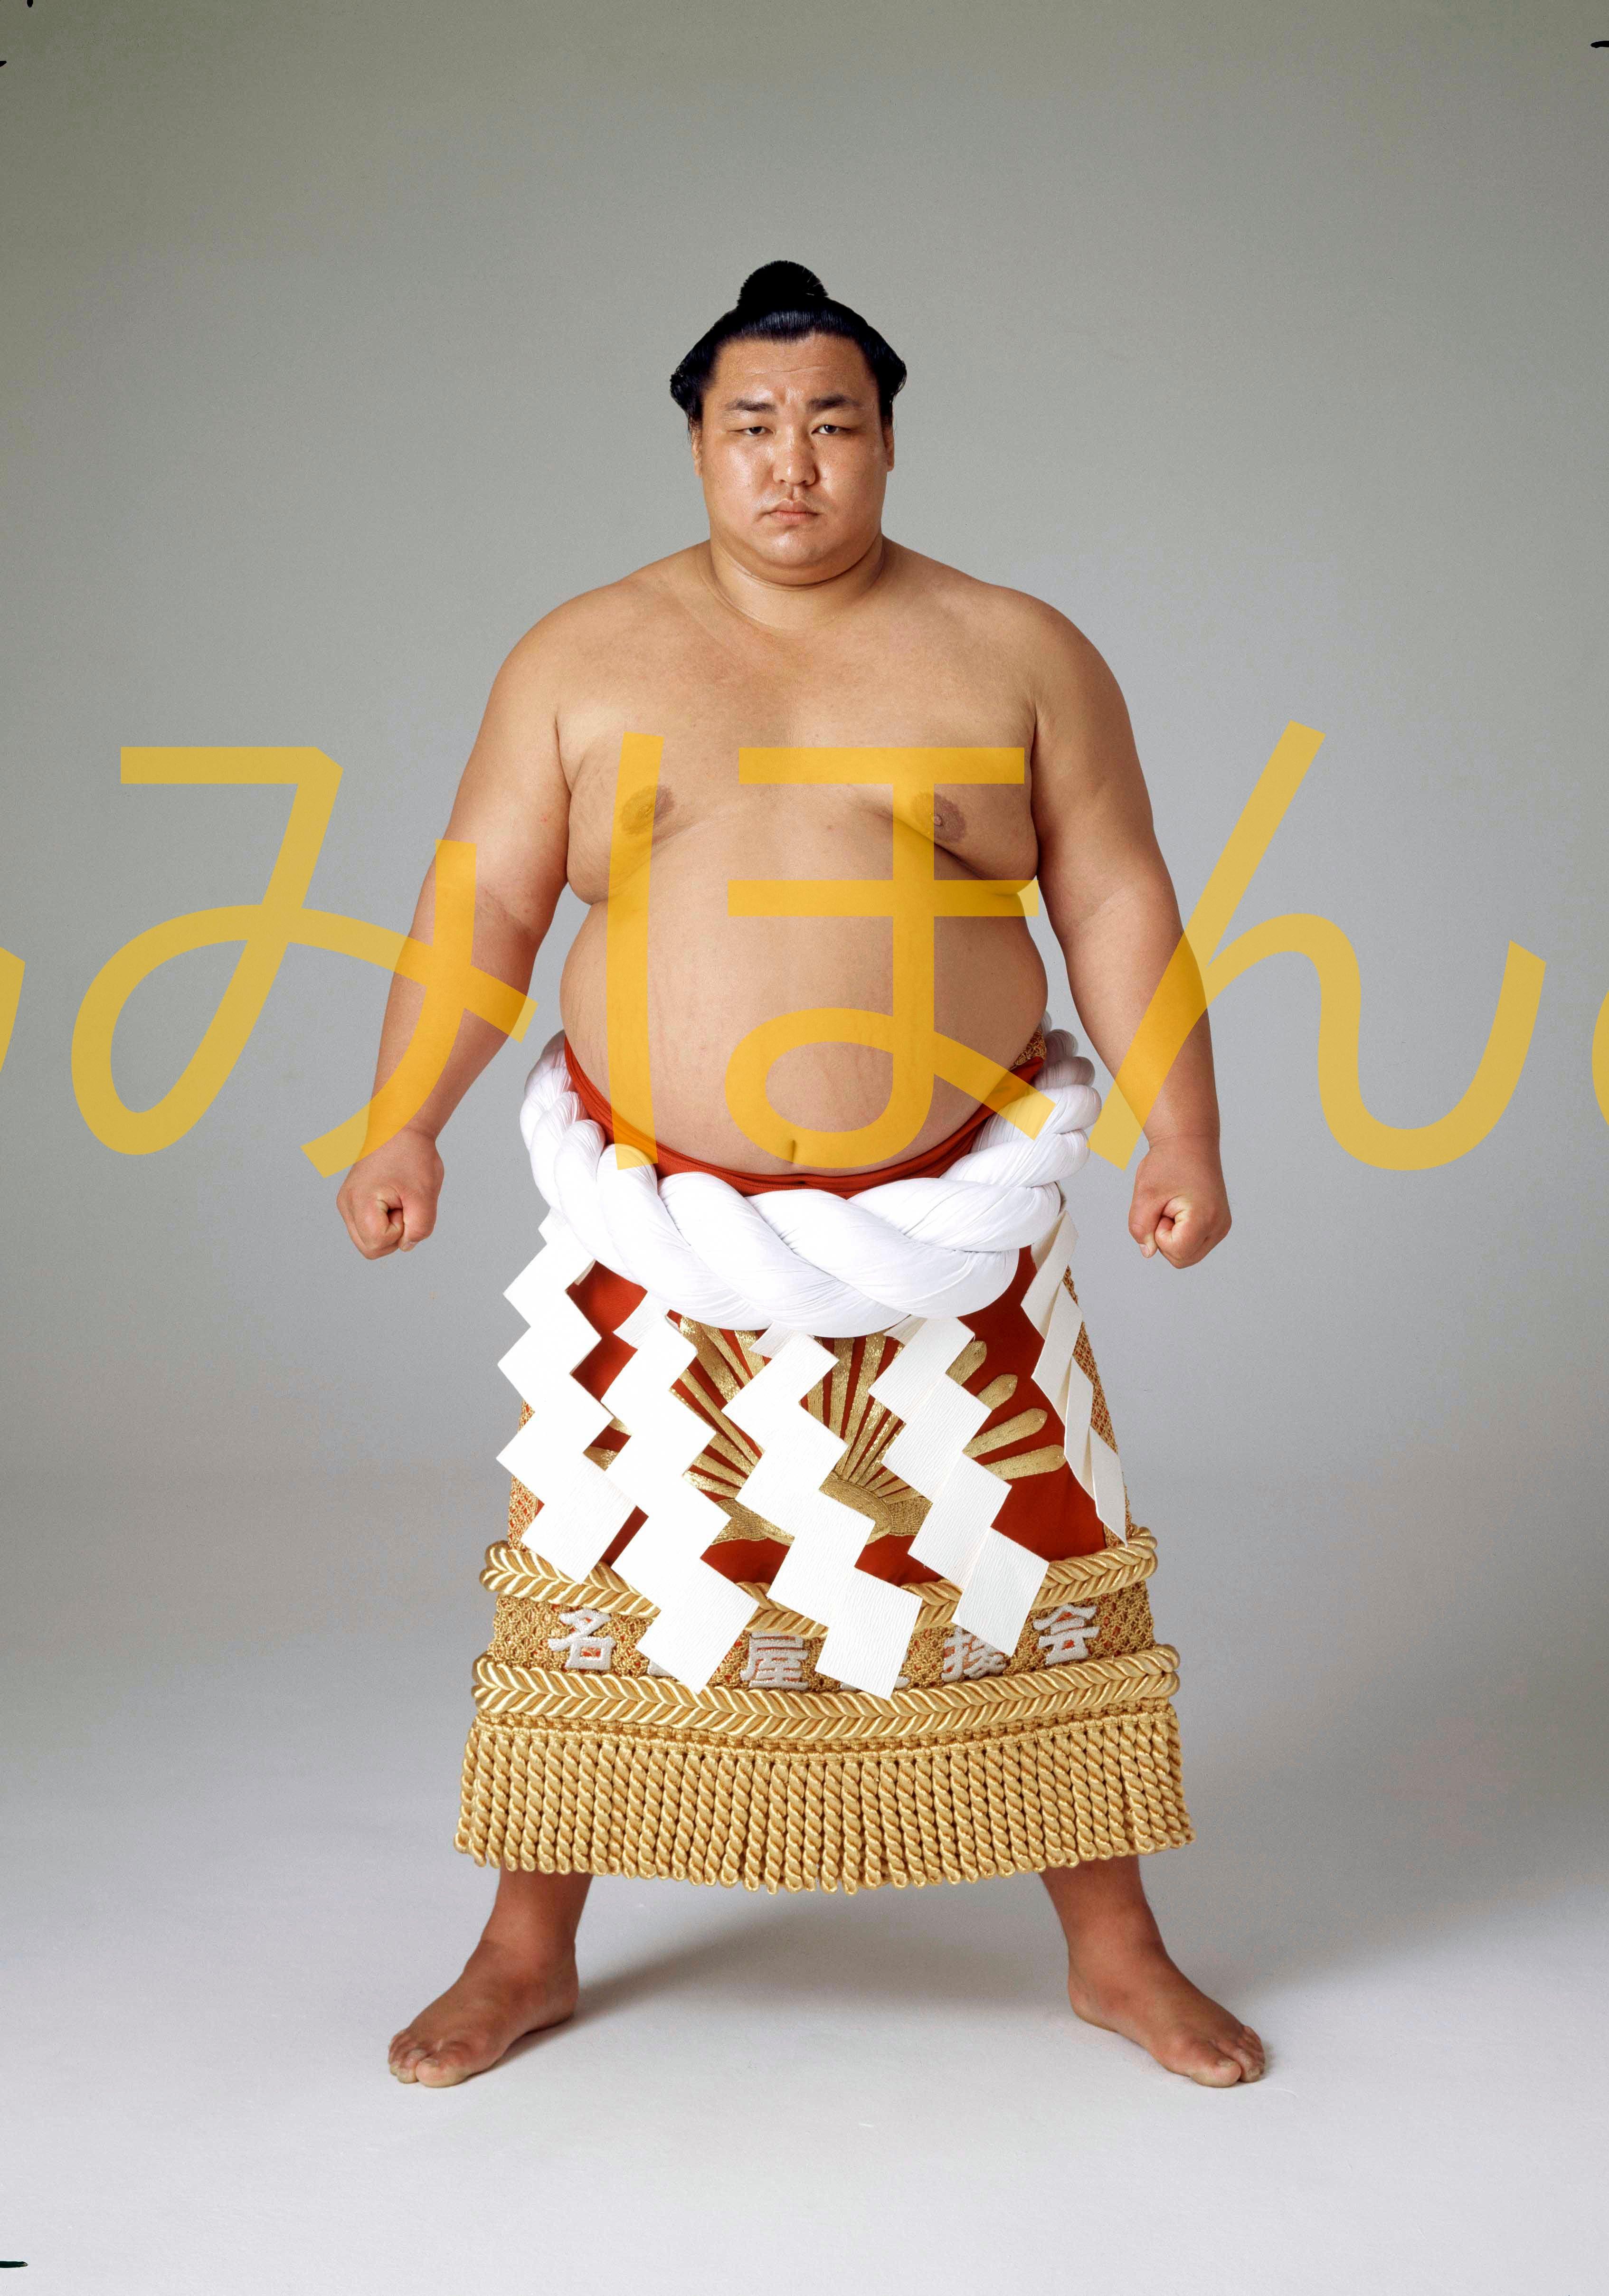 昭和55年5月場所優勝 横綱 北の湖敏満関(19回目の優勝)